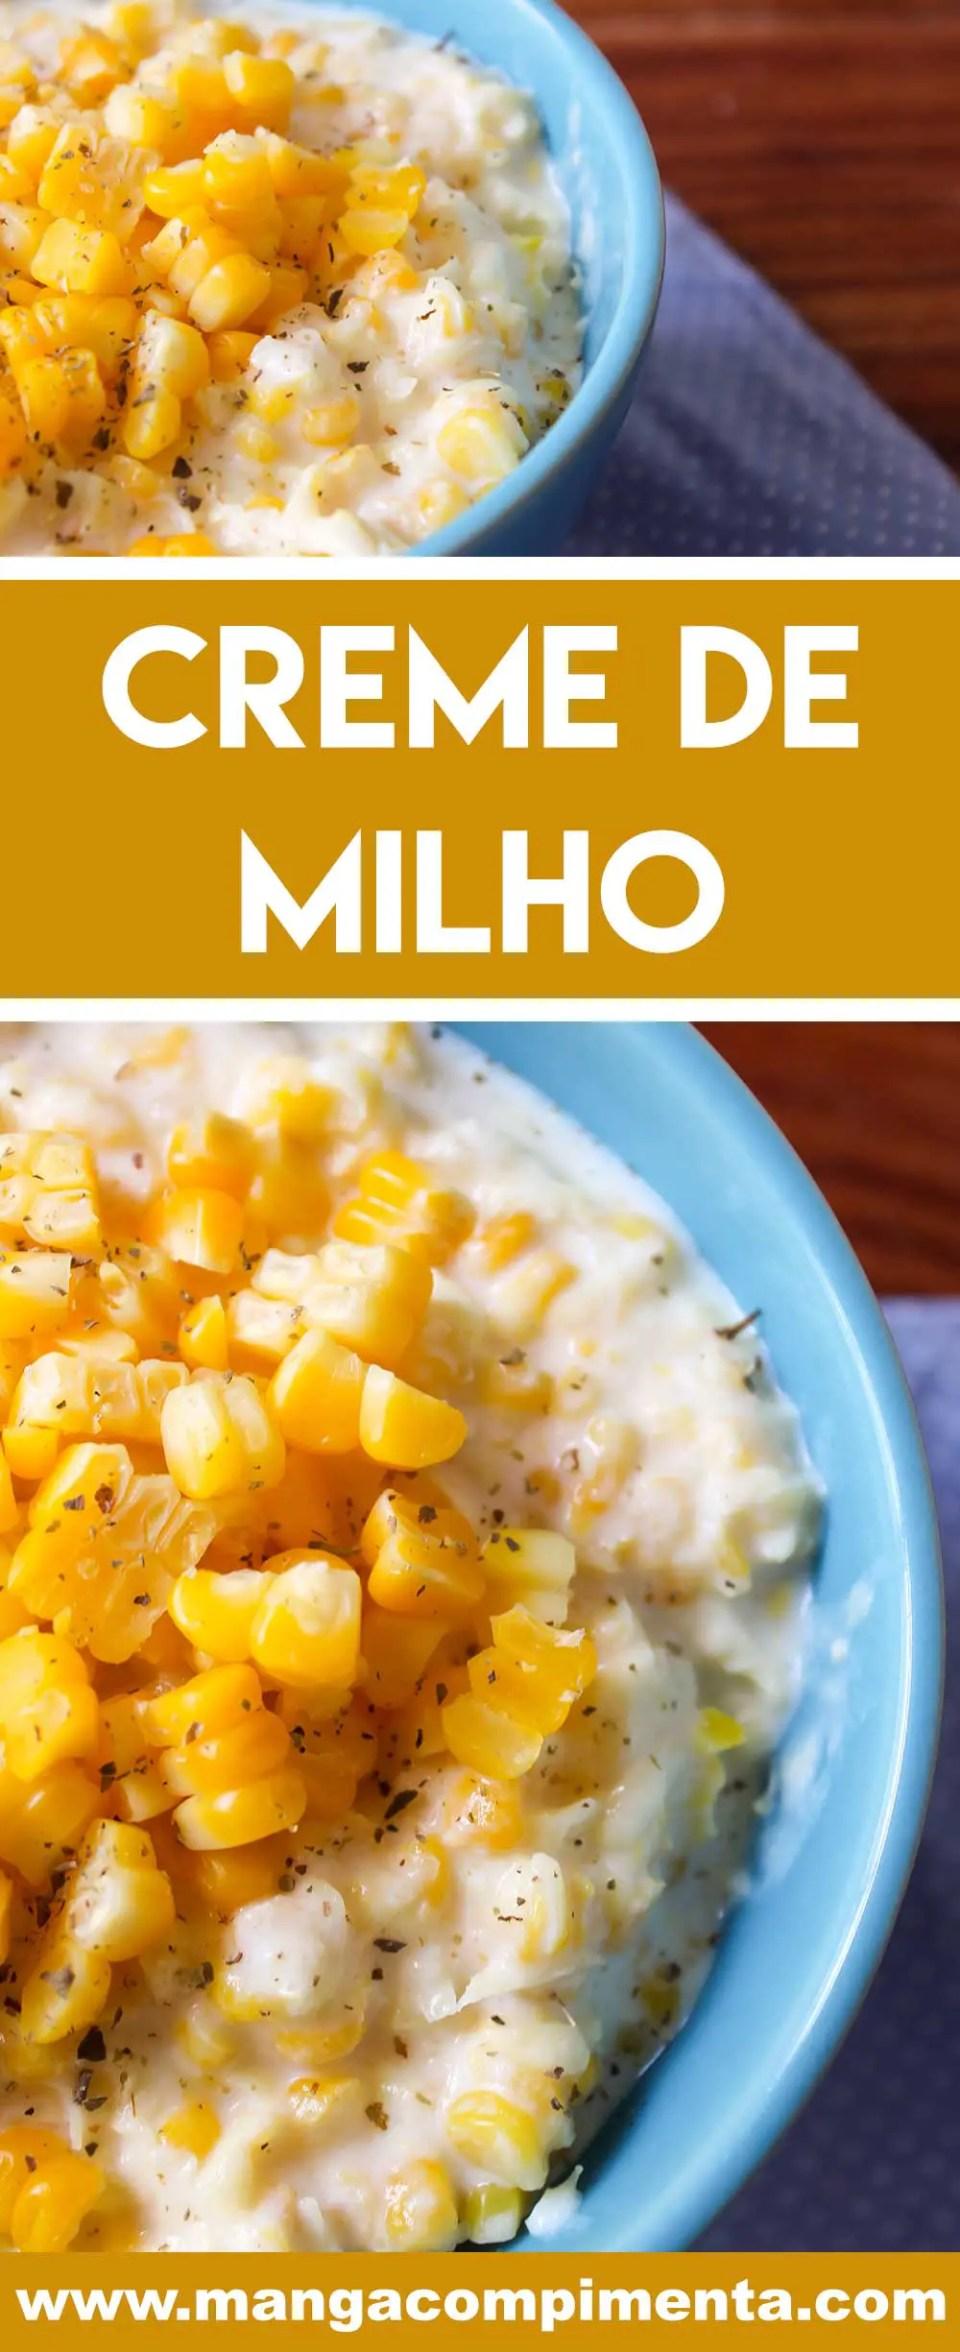 Receita de Creme de Milho - um prato caseiro preparado a minha moda.